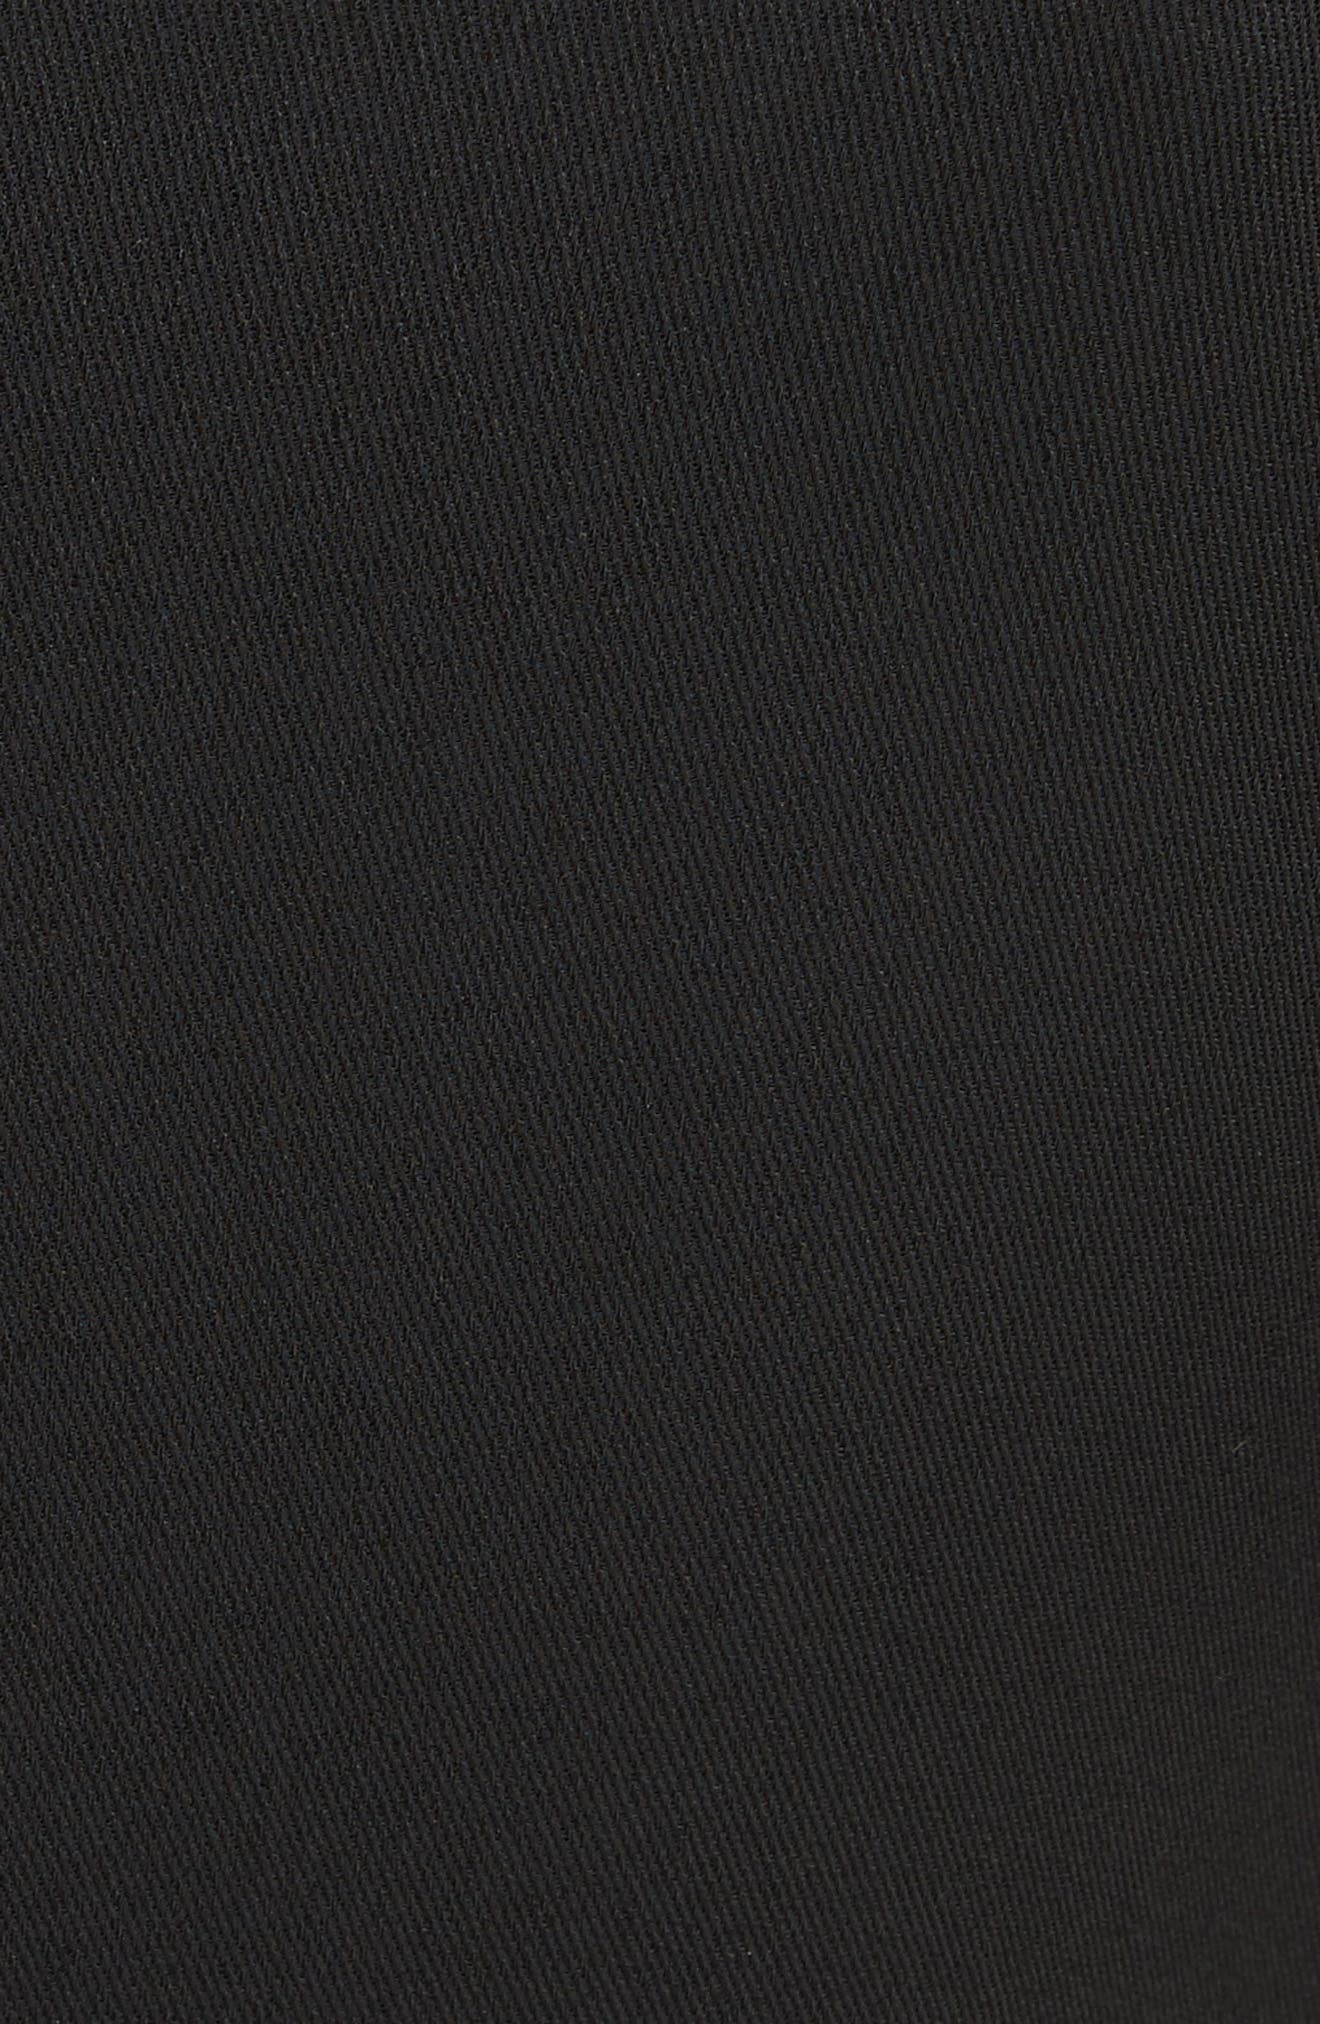 Wide Leg Jumpsuit,                             Alternate thumbnail 6, color,                             BLACK